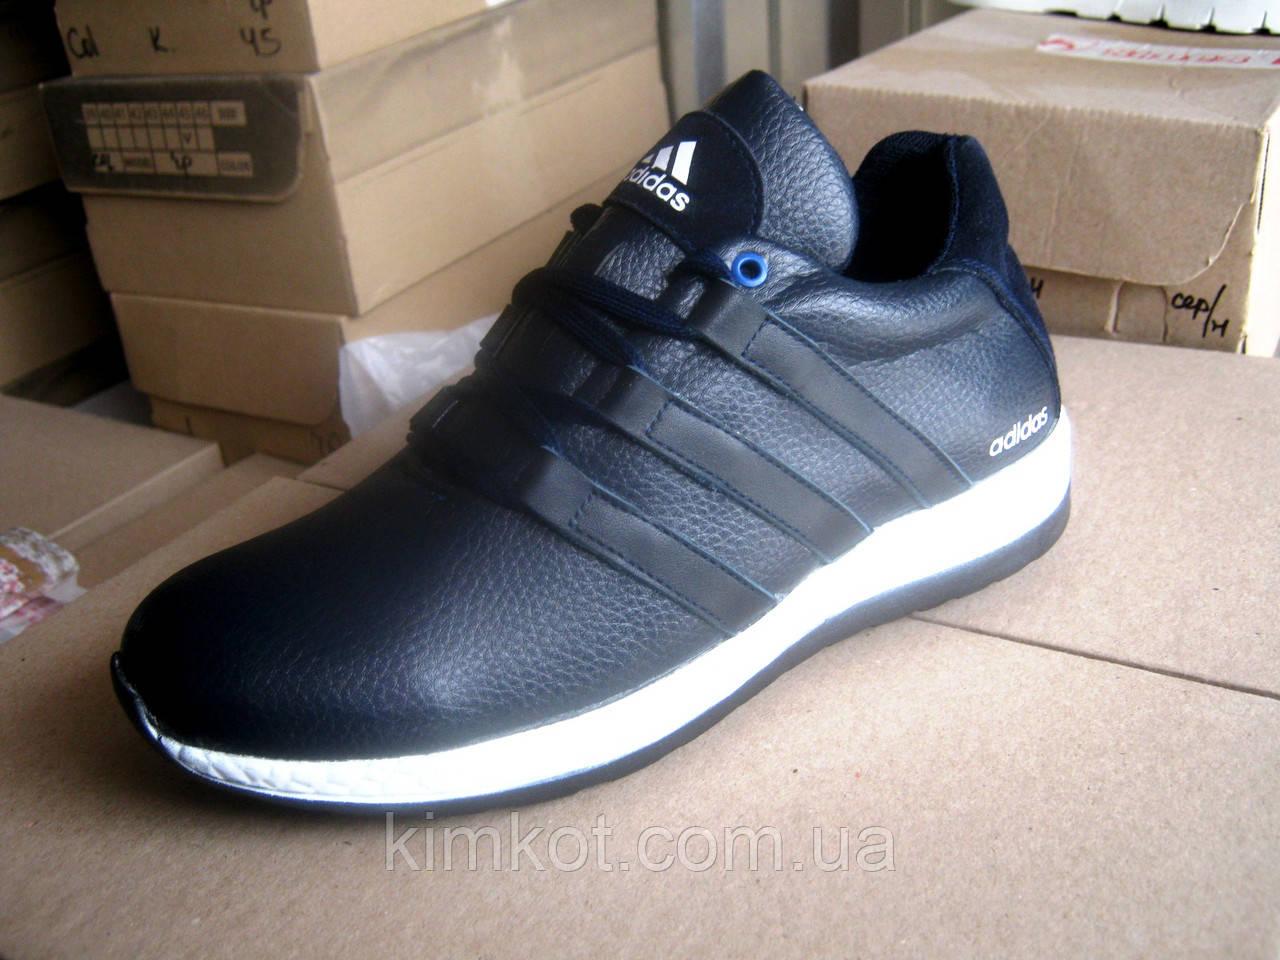 c25d4b7a7c96 Кроссовки мужские кожаные Adidas 40 -45 р-р  продажа, цена в ...